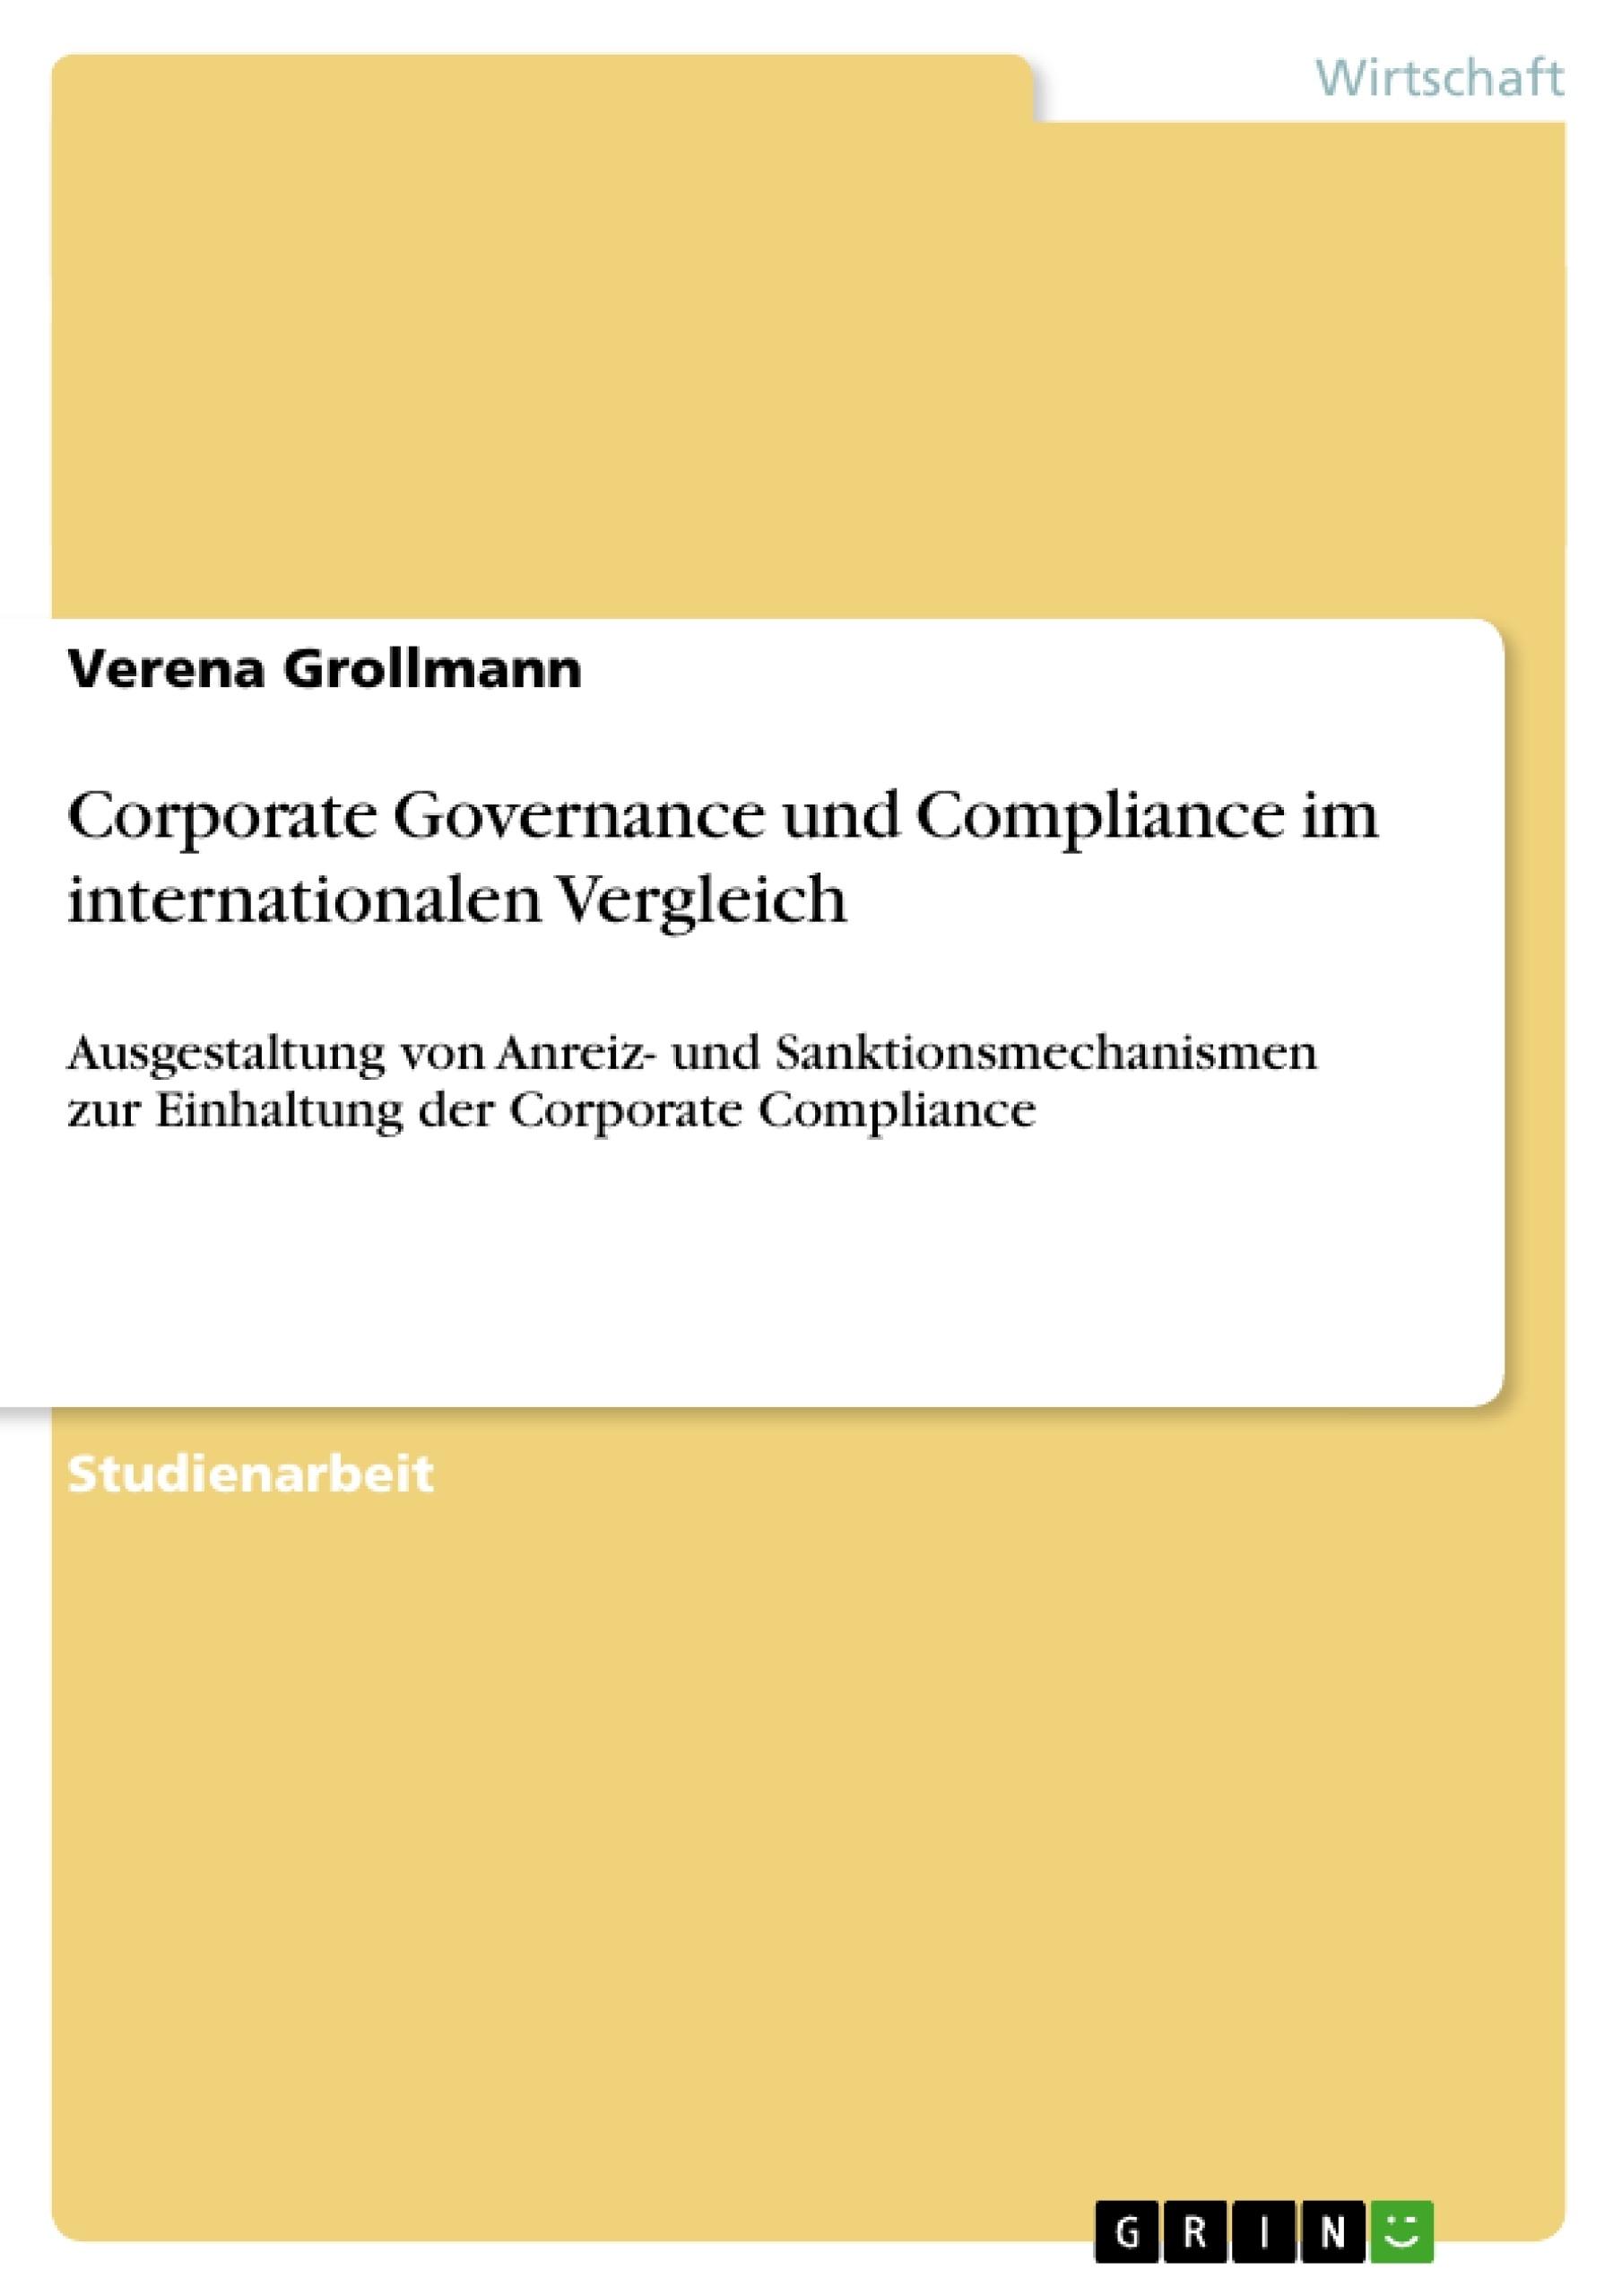 Titel: Corporate Governance und Compliance im internationalen Vergleich